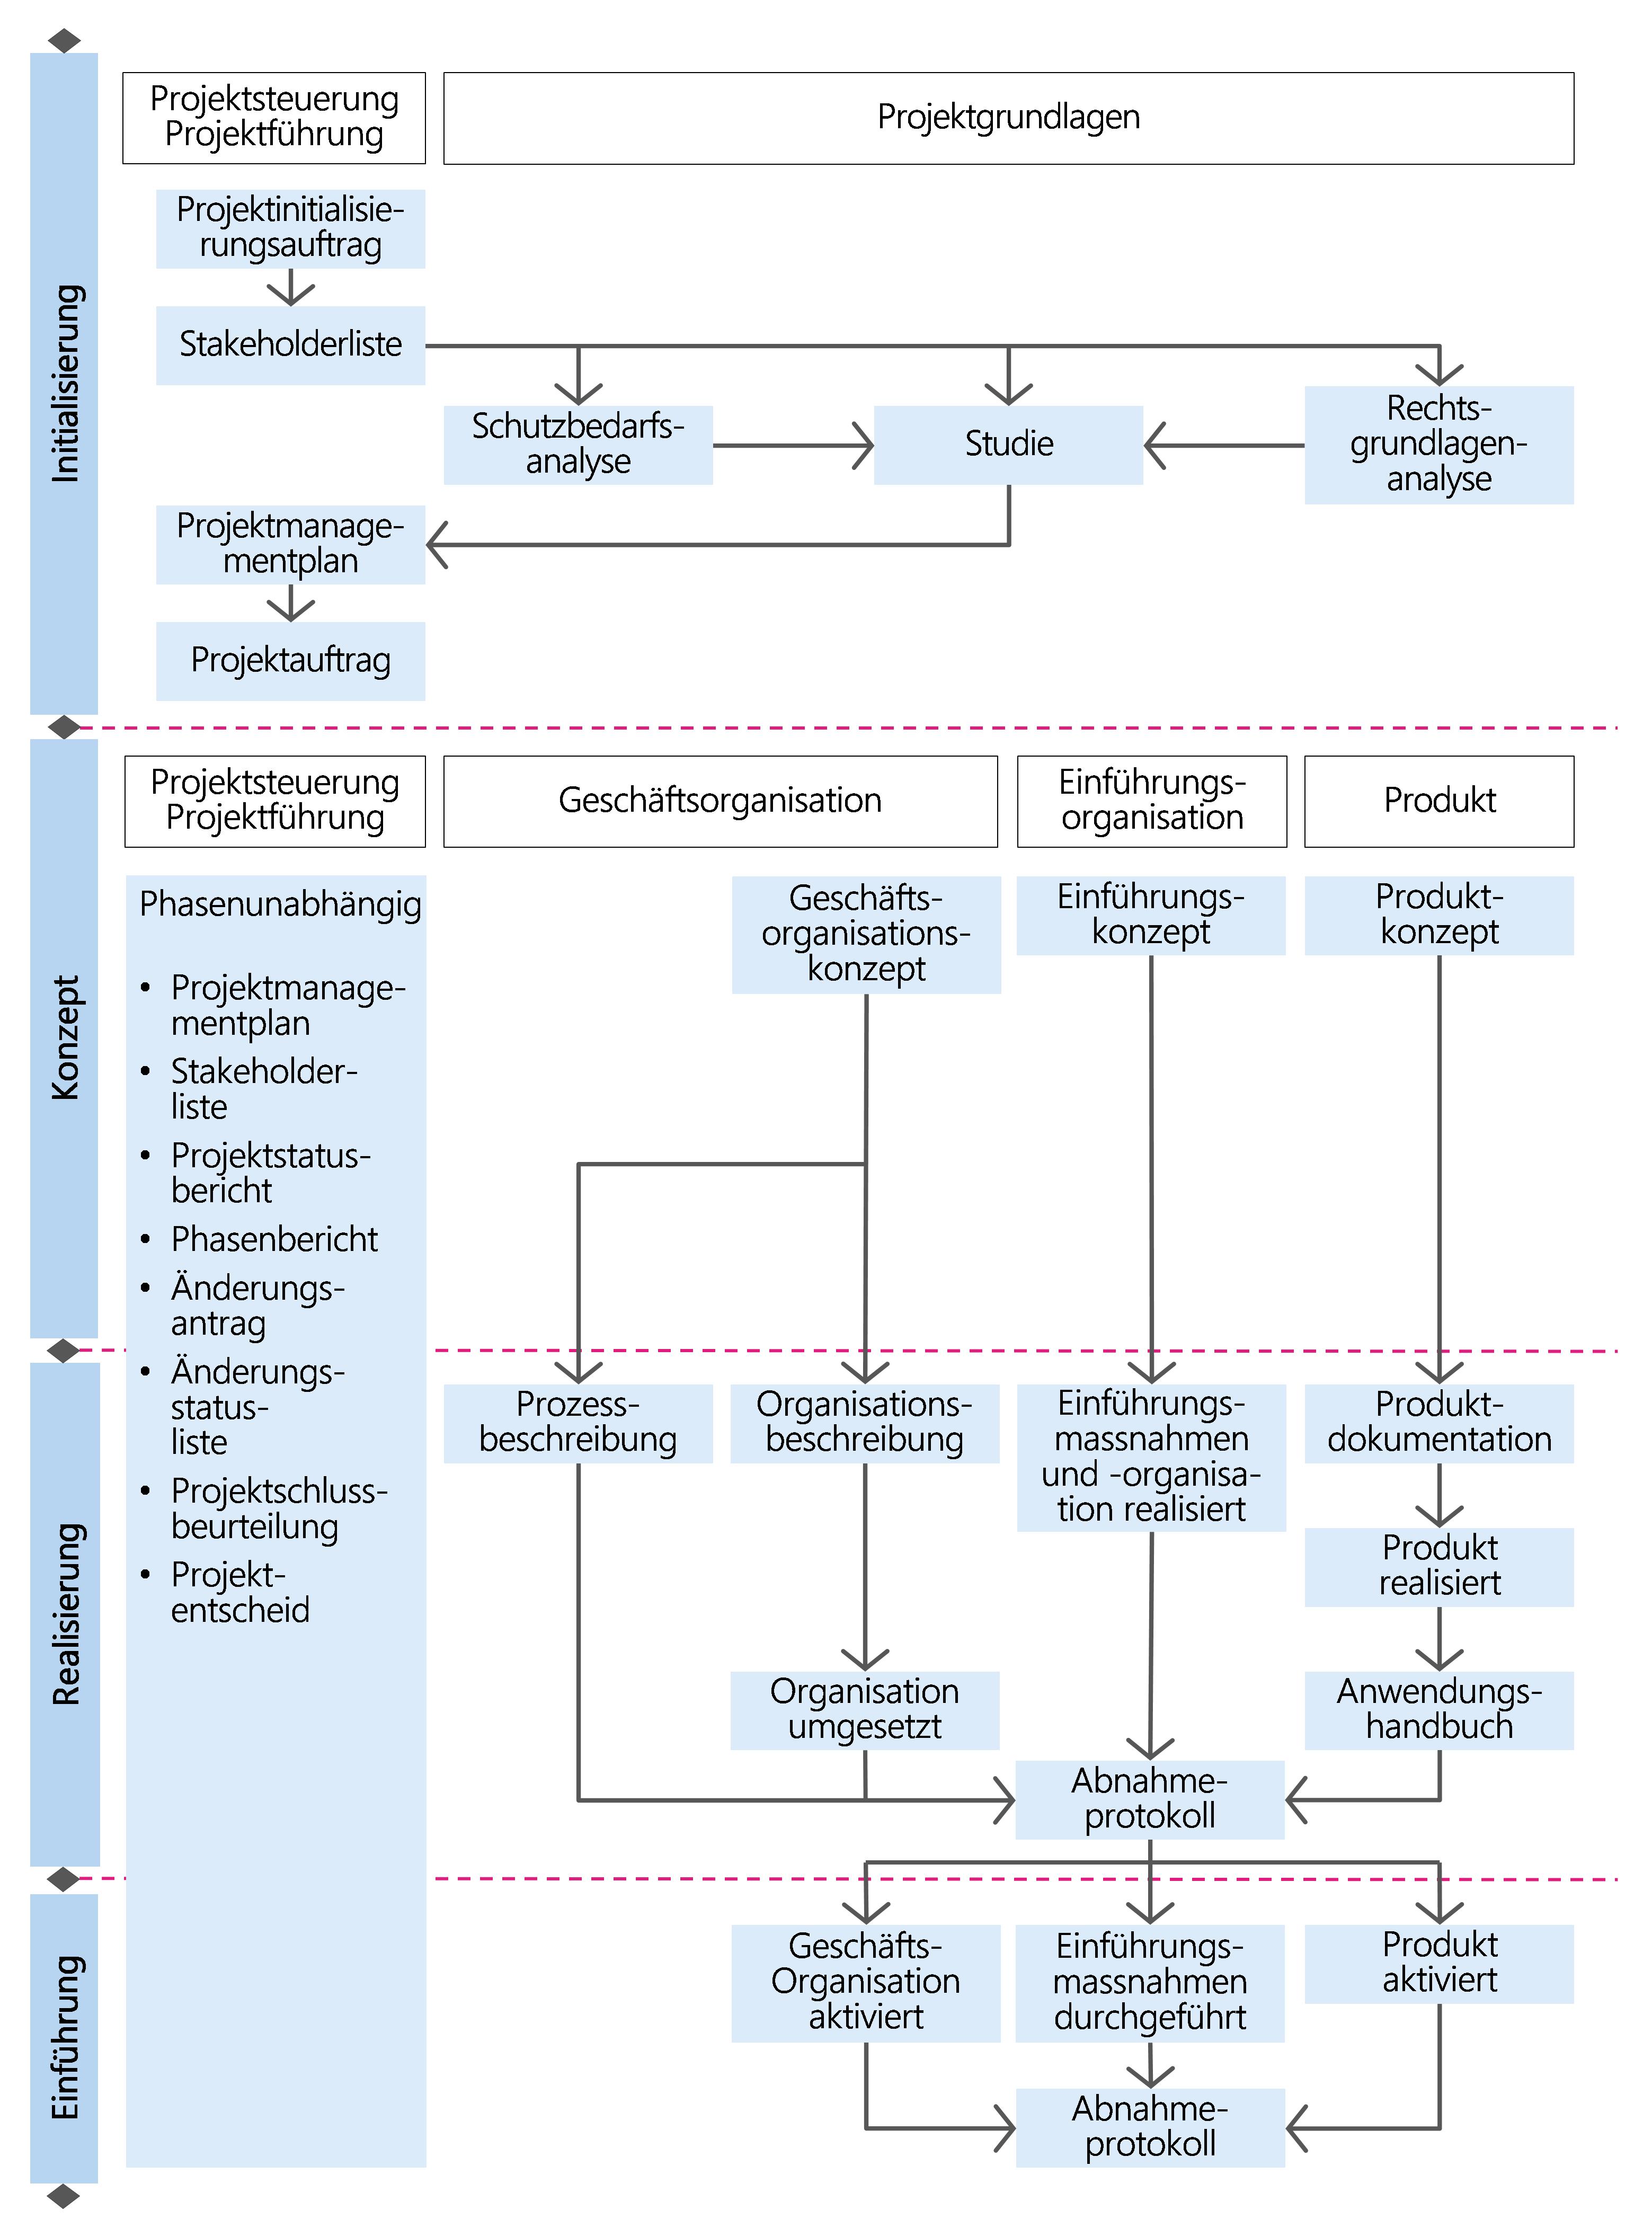 Abbildung 12: Ergebnisse der Module des Szenarios Dienstleistung/Produkt